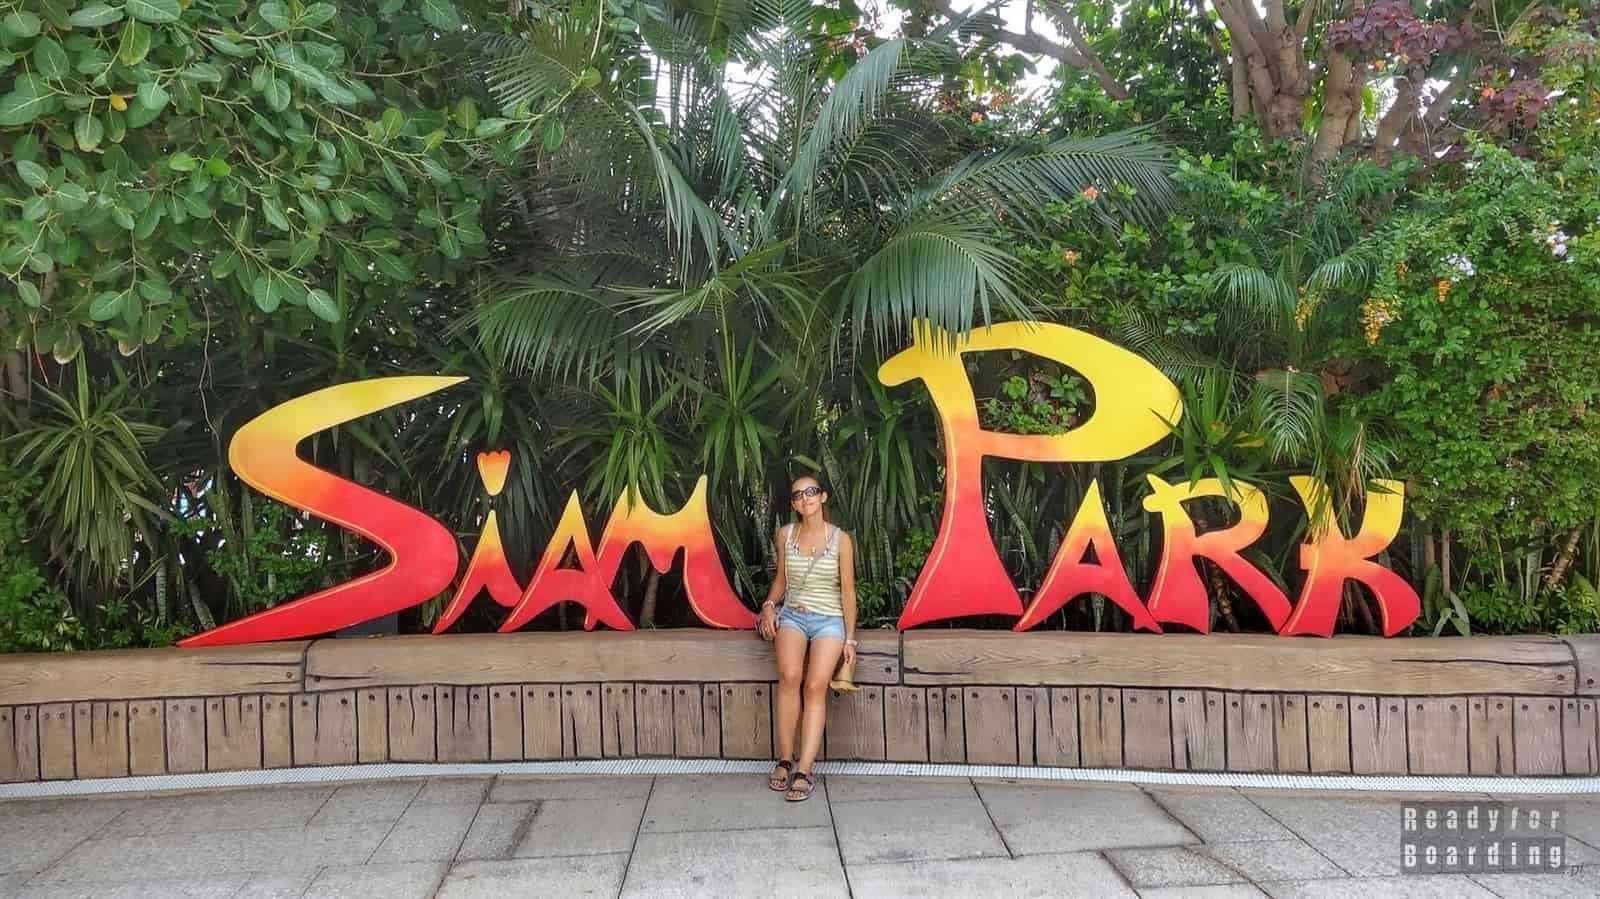 Teneryfa - Siam Park i Masca (galeria zdjęć)